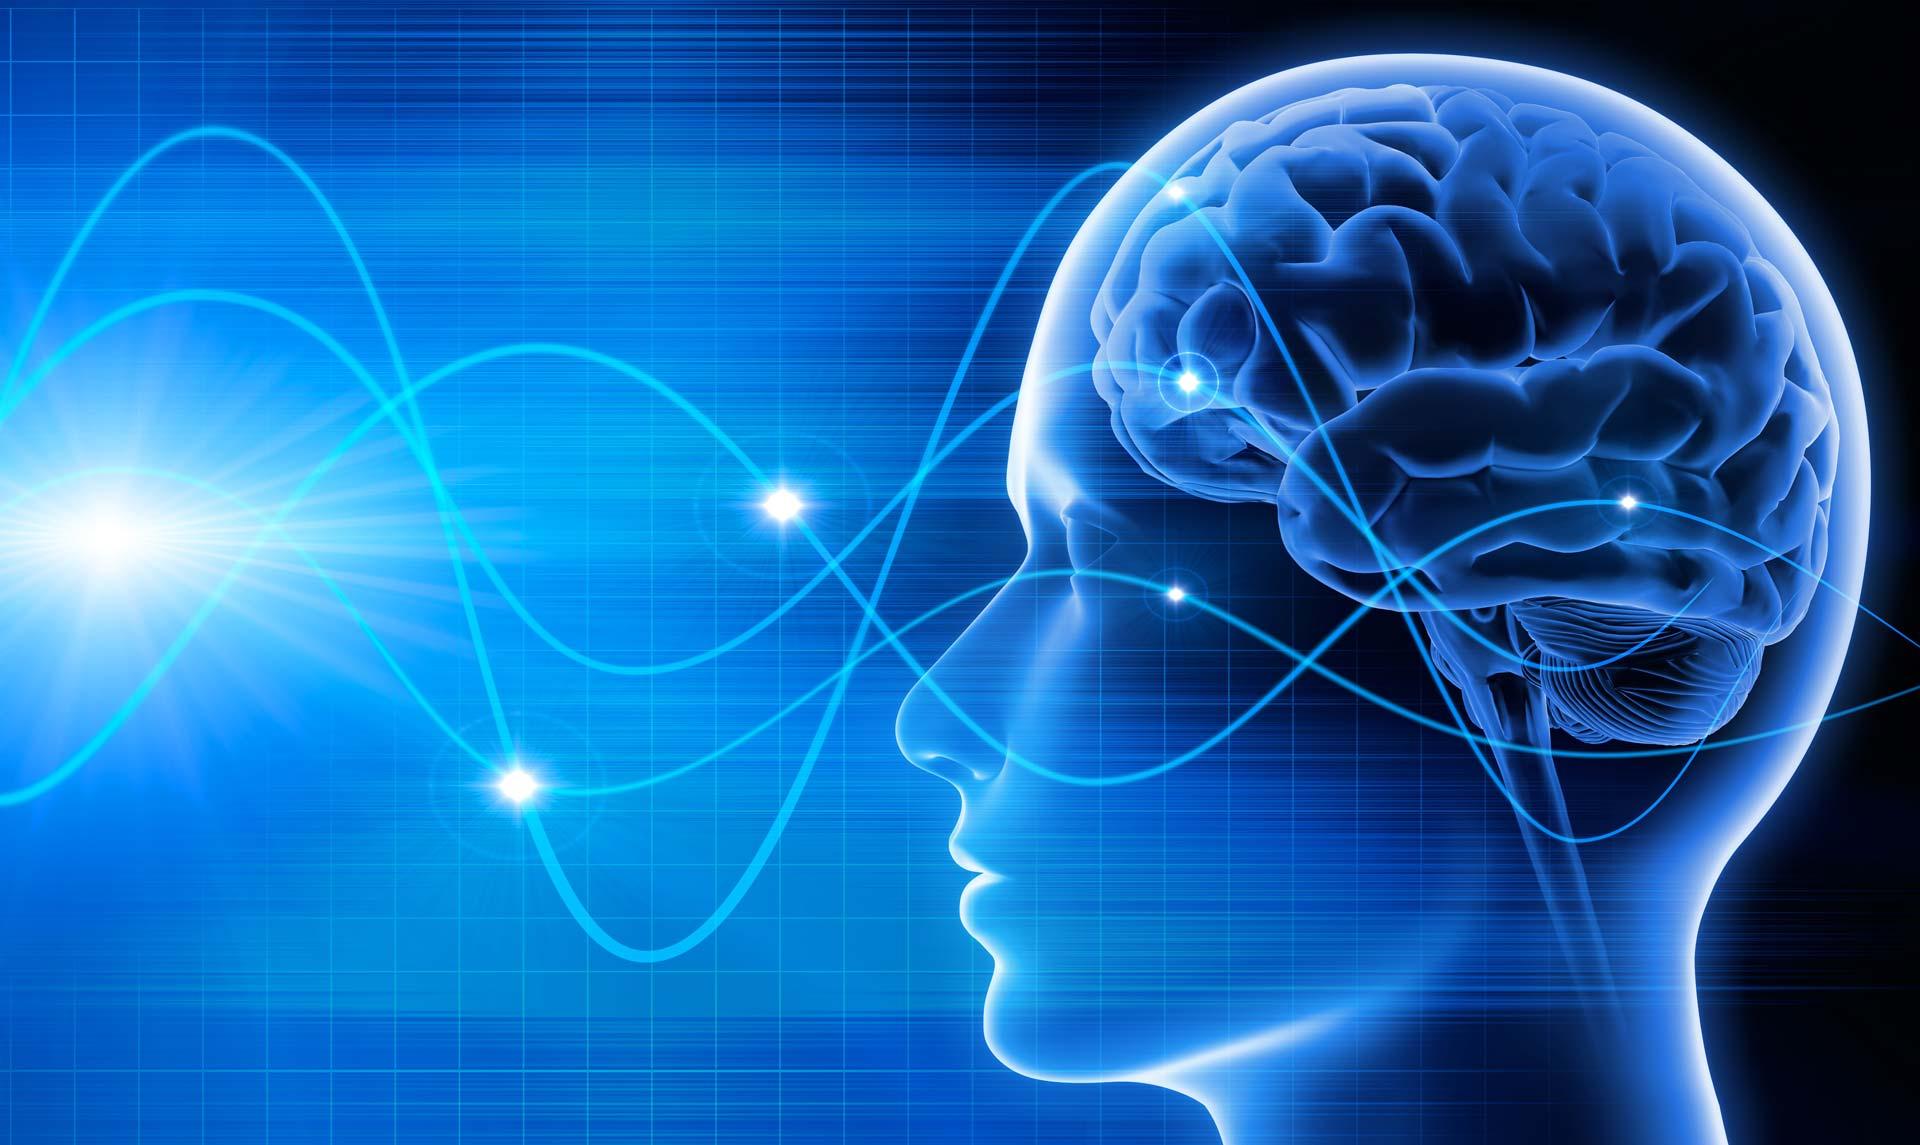 Les systèmes de pensées sont à l'intersection entre les comportements et la personnalité.